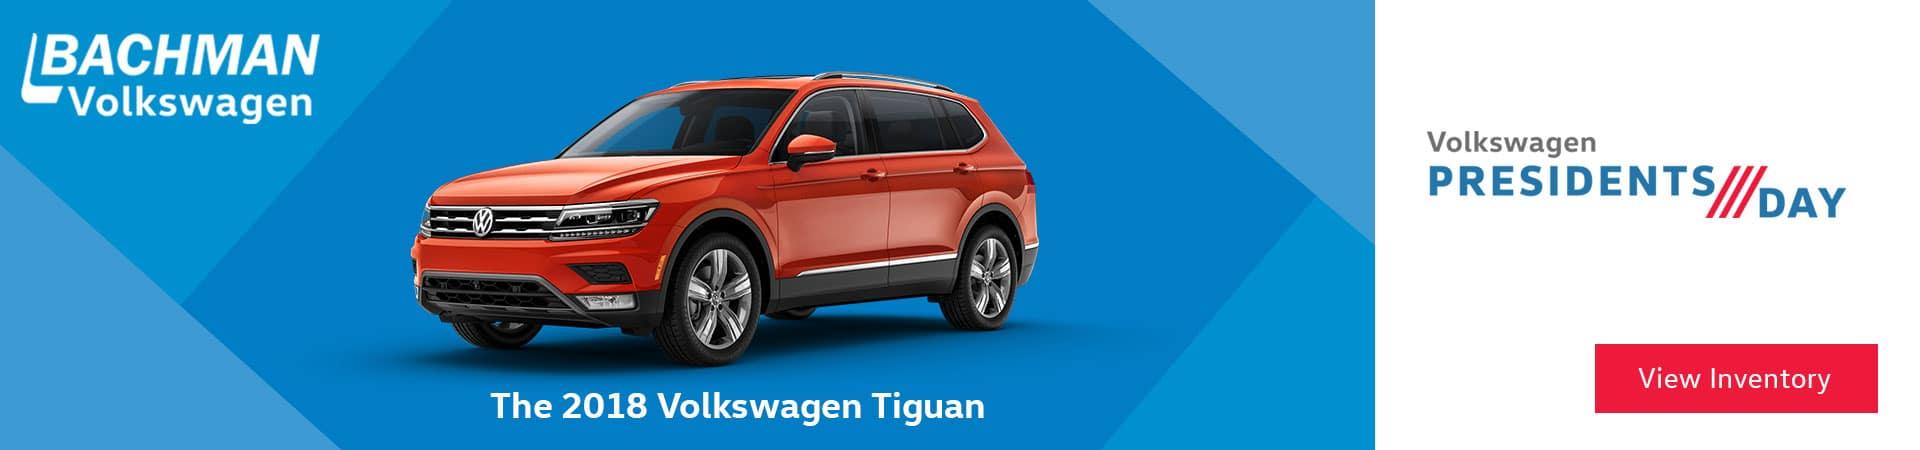 Bachman Volkswagen Volkswagen Dealer In Louisville Ky